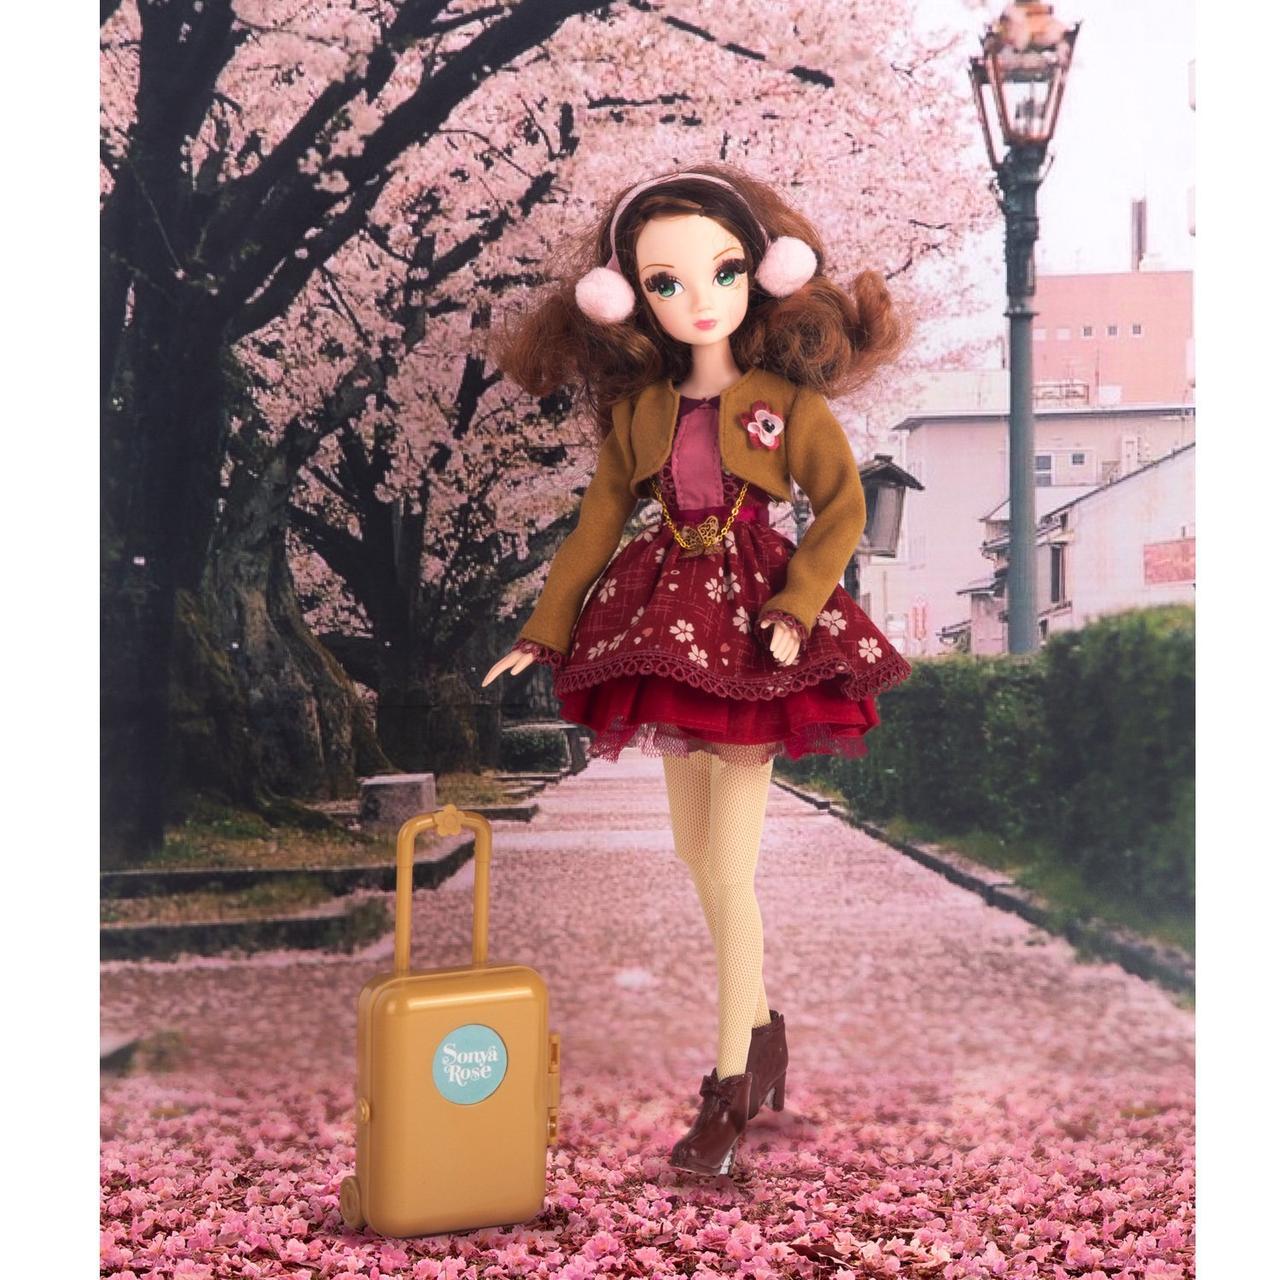 """Кукла Sonya Rose, серия """"Daily collection"""" Путешествие в Японию (Gulliver, Россия) - фото 1"""